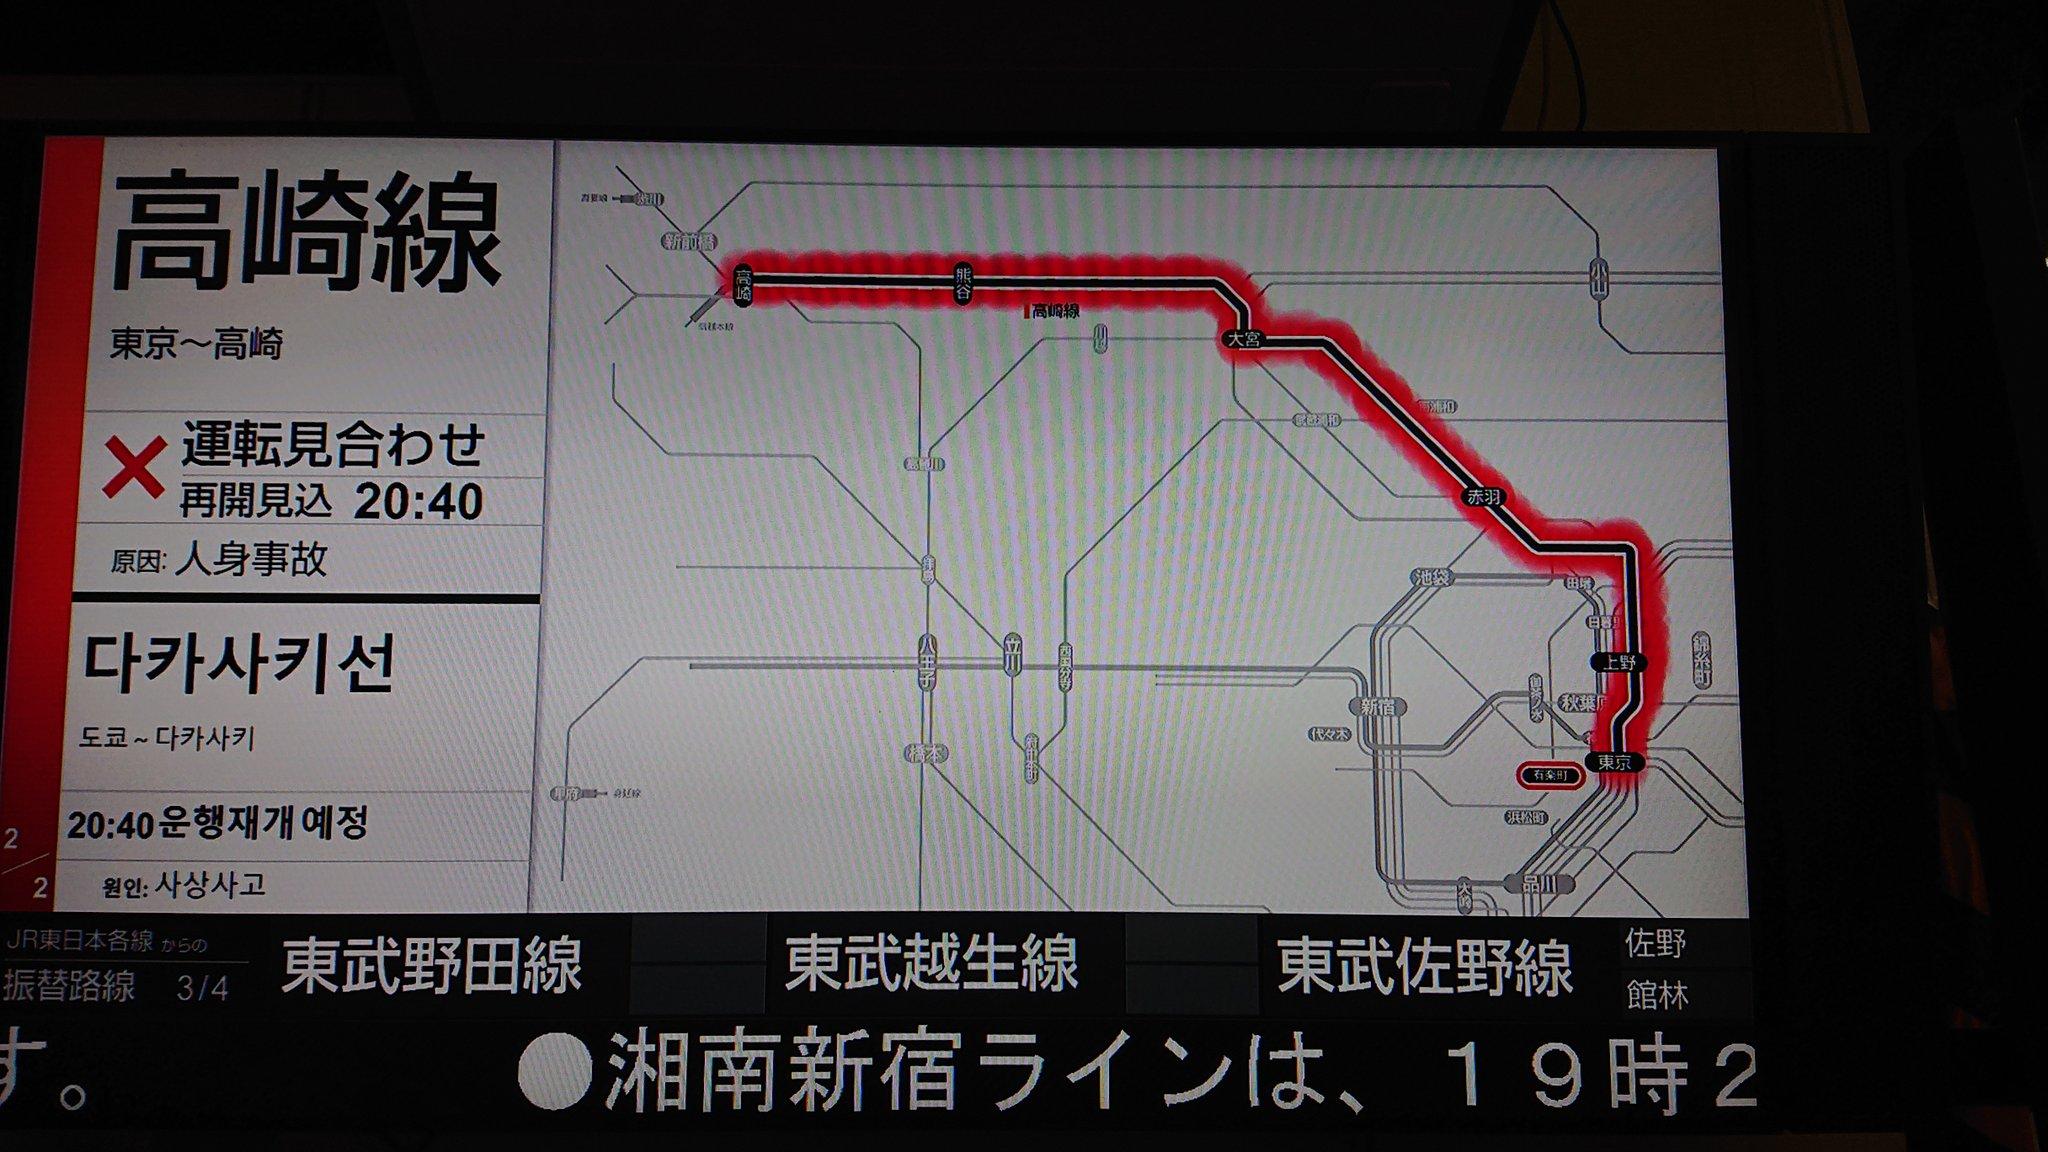 高崎線の熊谷駅~籠原駅間で人身事故が起きた掲示板の画像